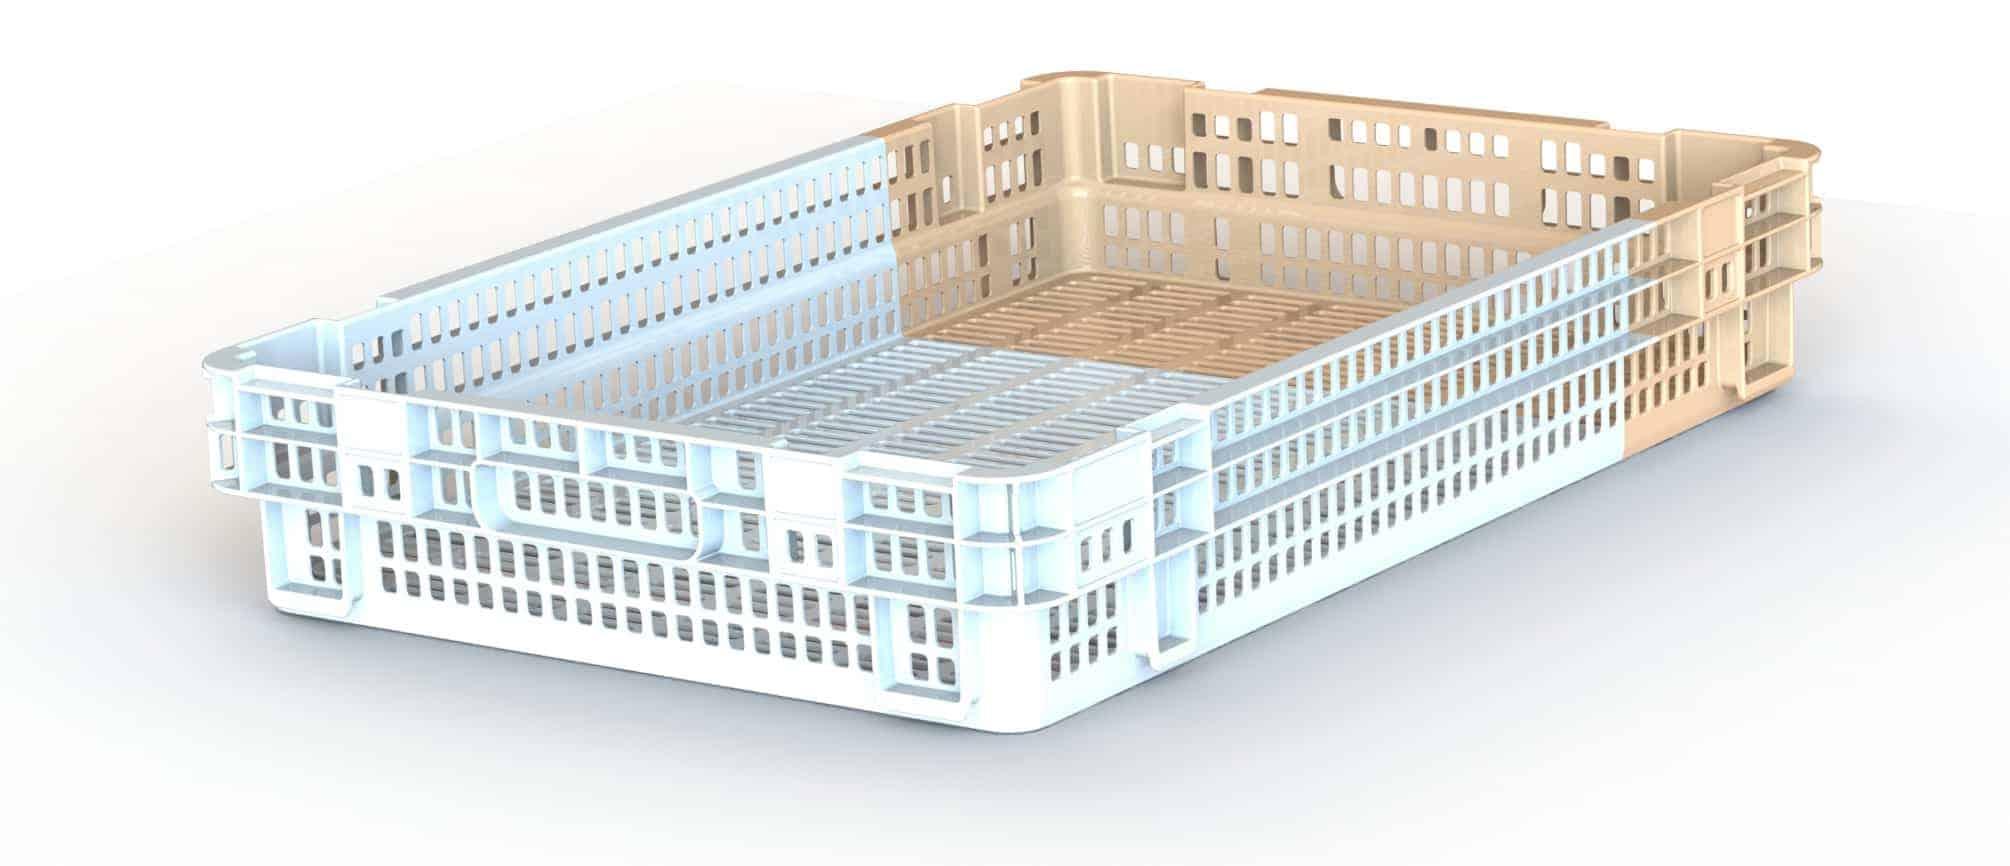 Date Crate - in tan